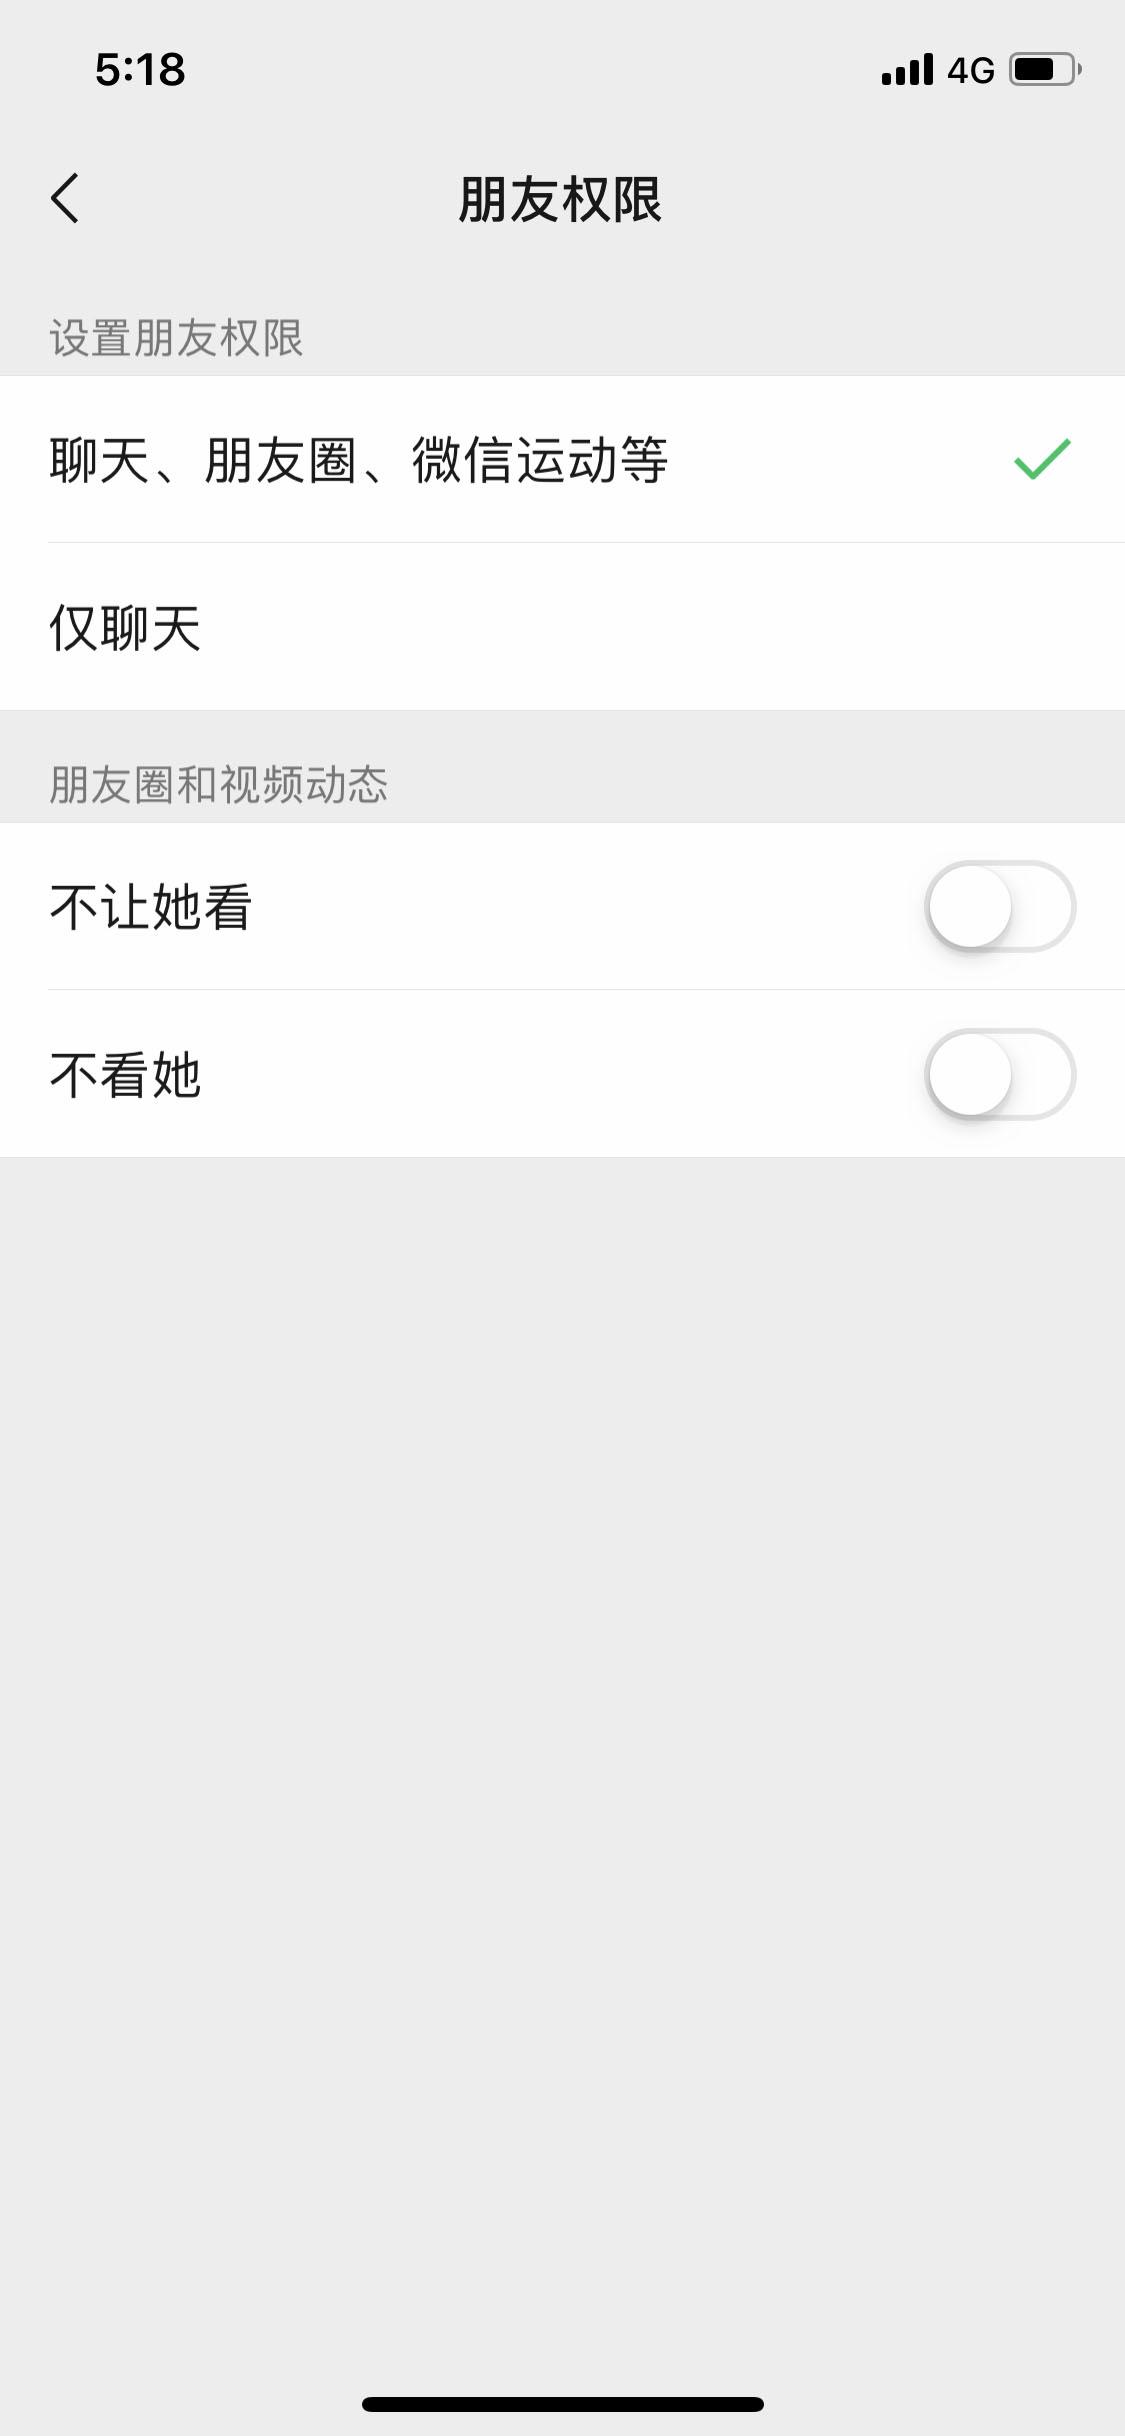 微信朋友圈更新:可发表情包斗图评论,还能将好友设为仅聊天的照片 - 3